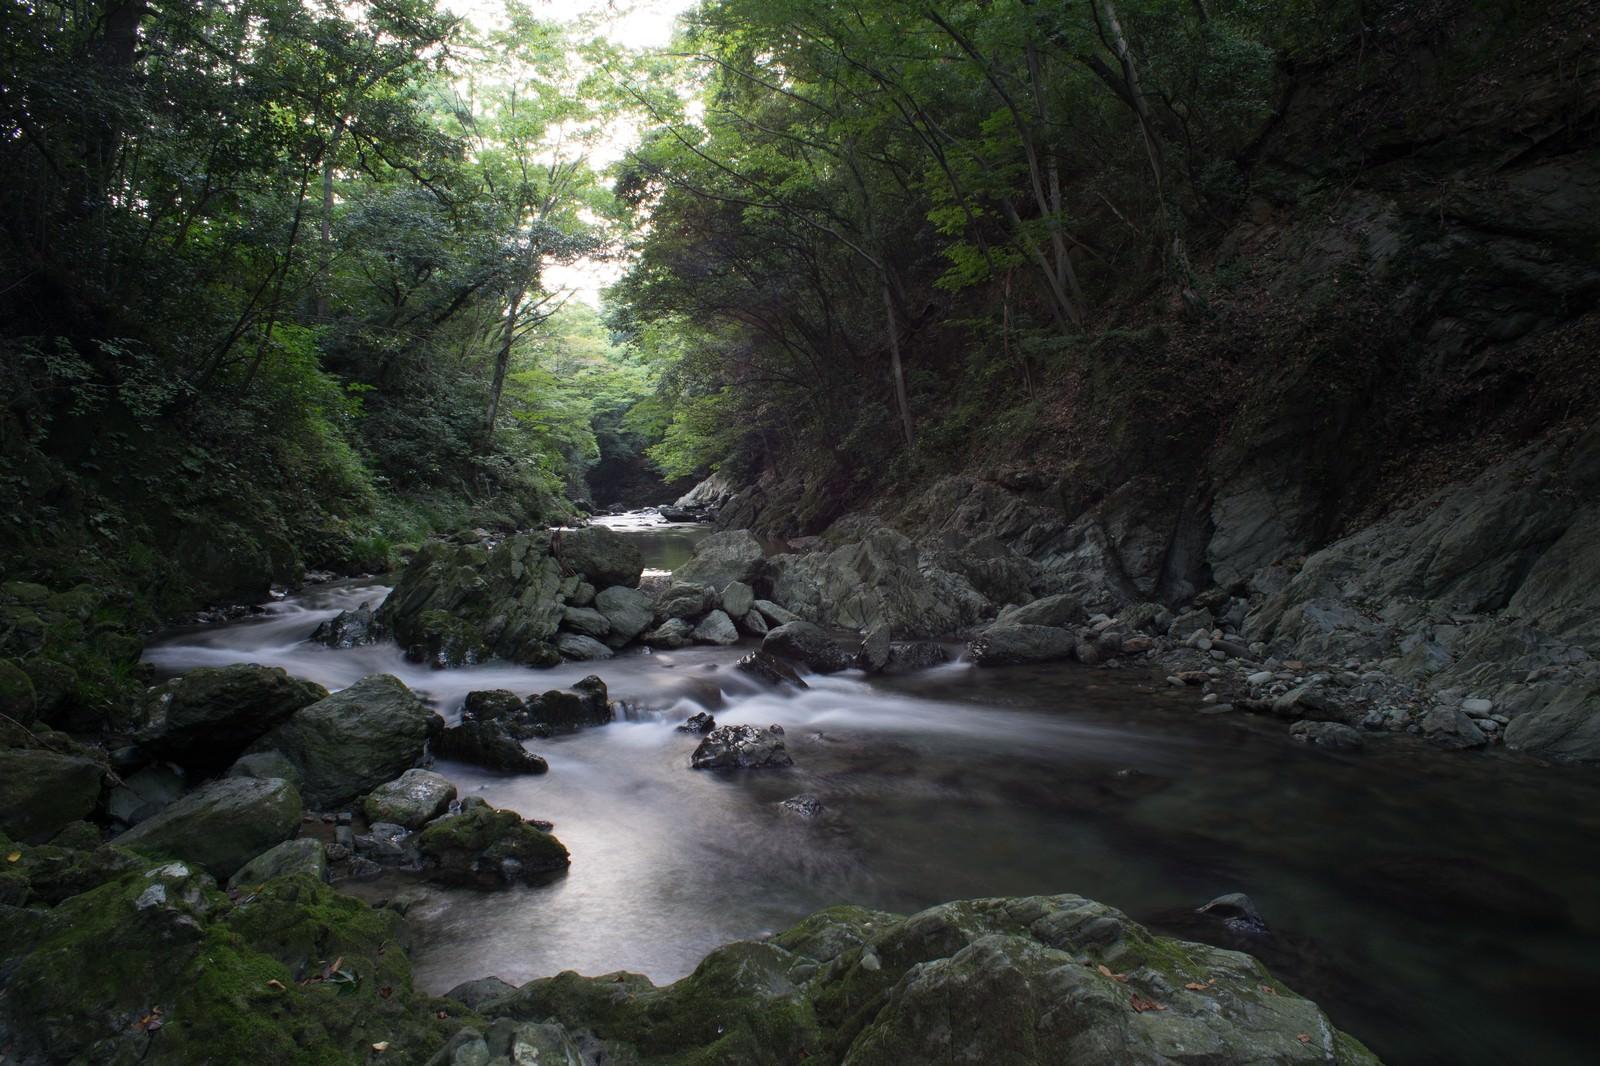 「三波渓谷(さんばけいこく)の静けさ」の写真